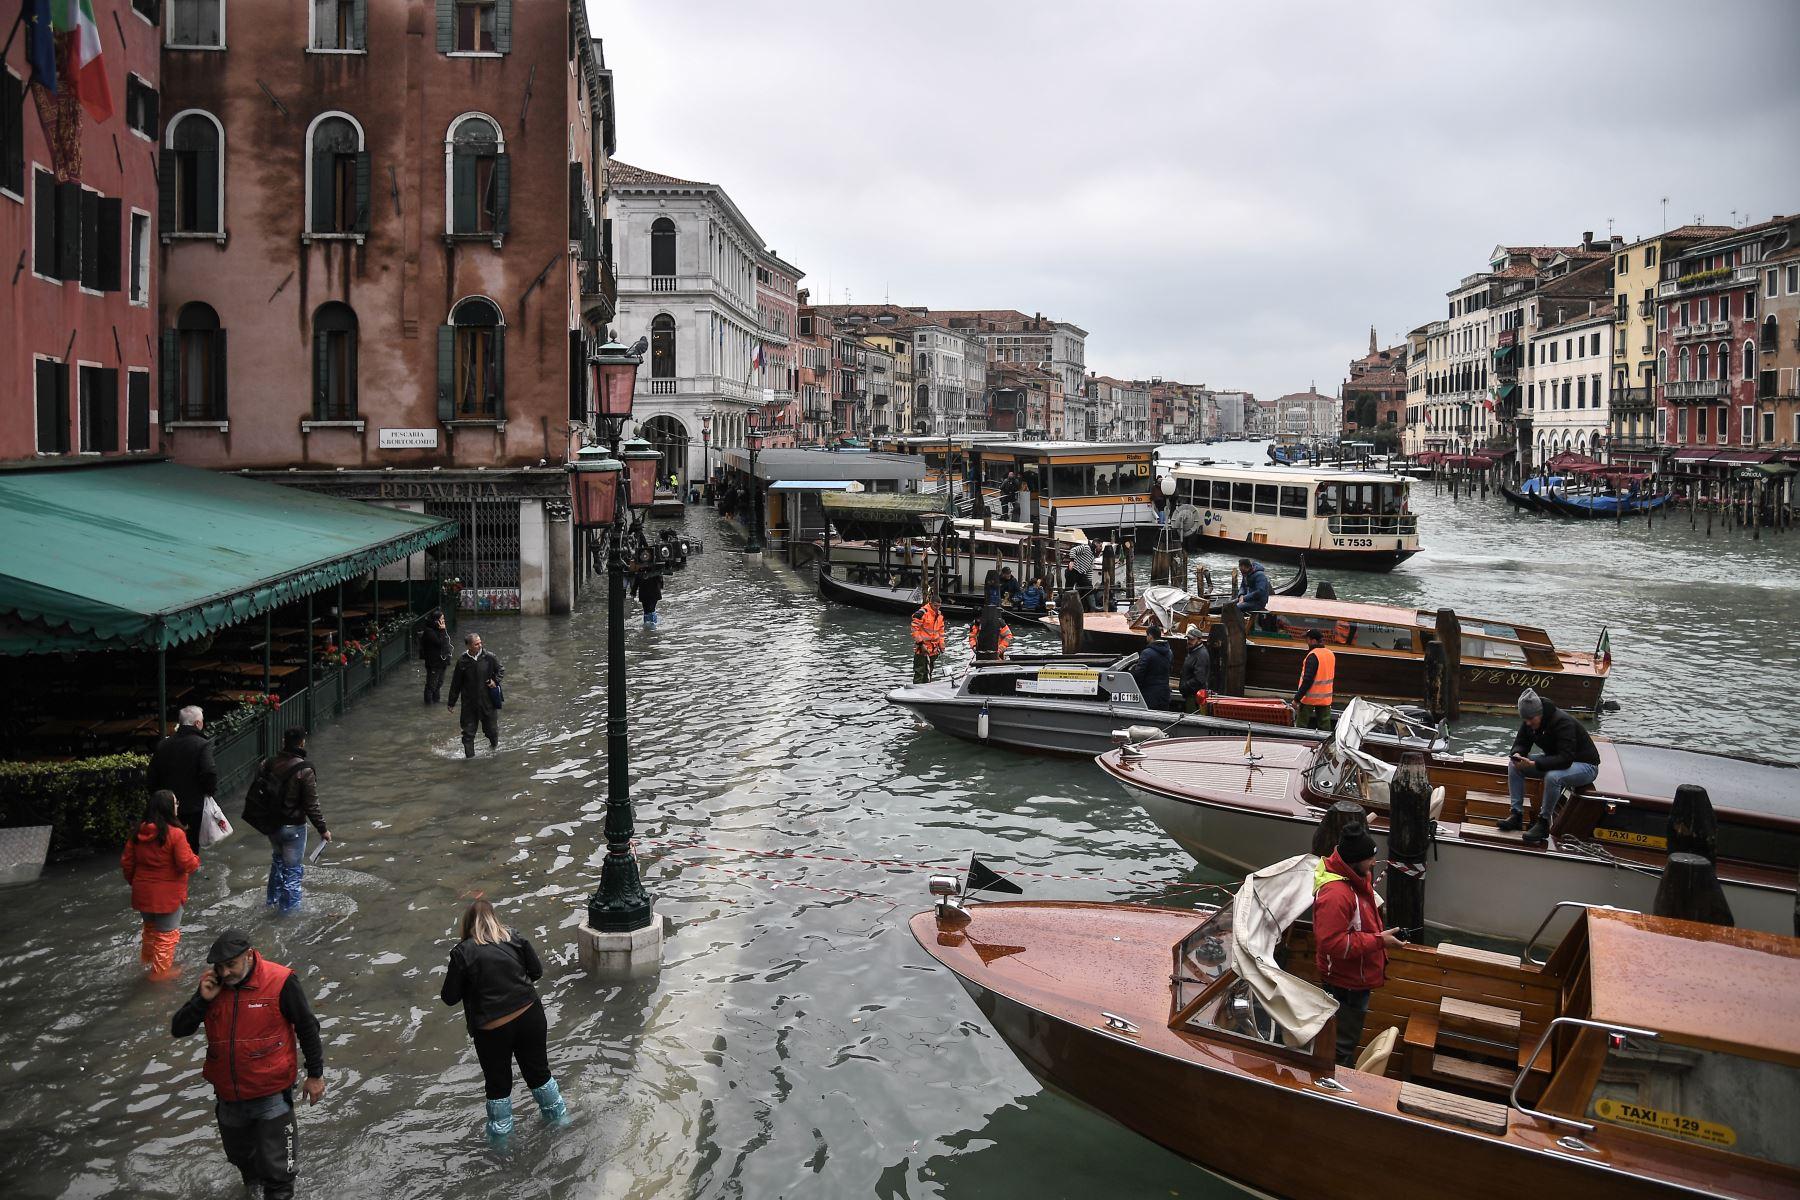 Una vista general muestra el terraplén inundado por el Hotel Rialto (L) y los botes de taxi en el canal del Gran Canal, después de un excepcional nivel de agua durante la marea alta en Venecia. Foto: AFP